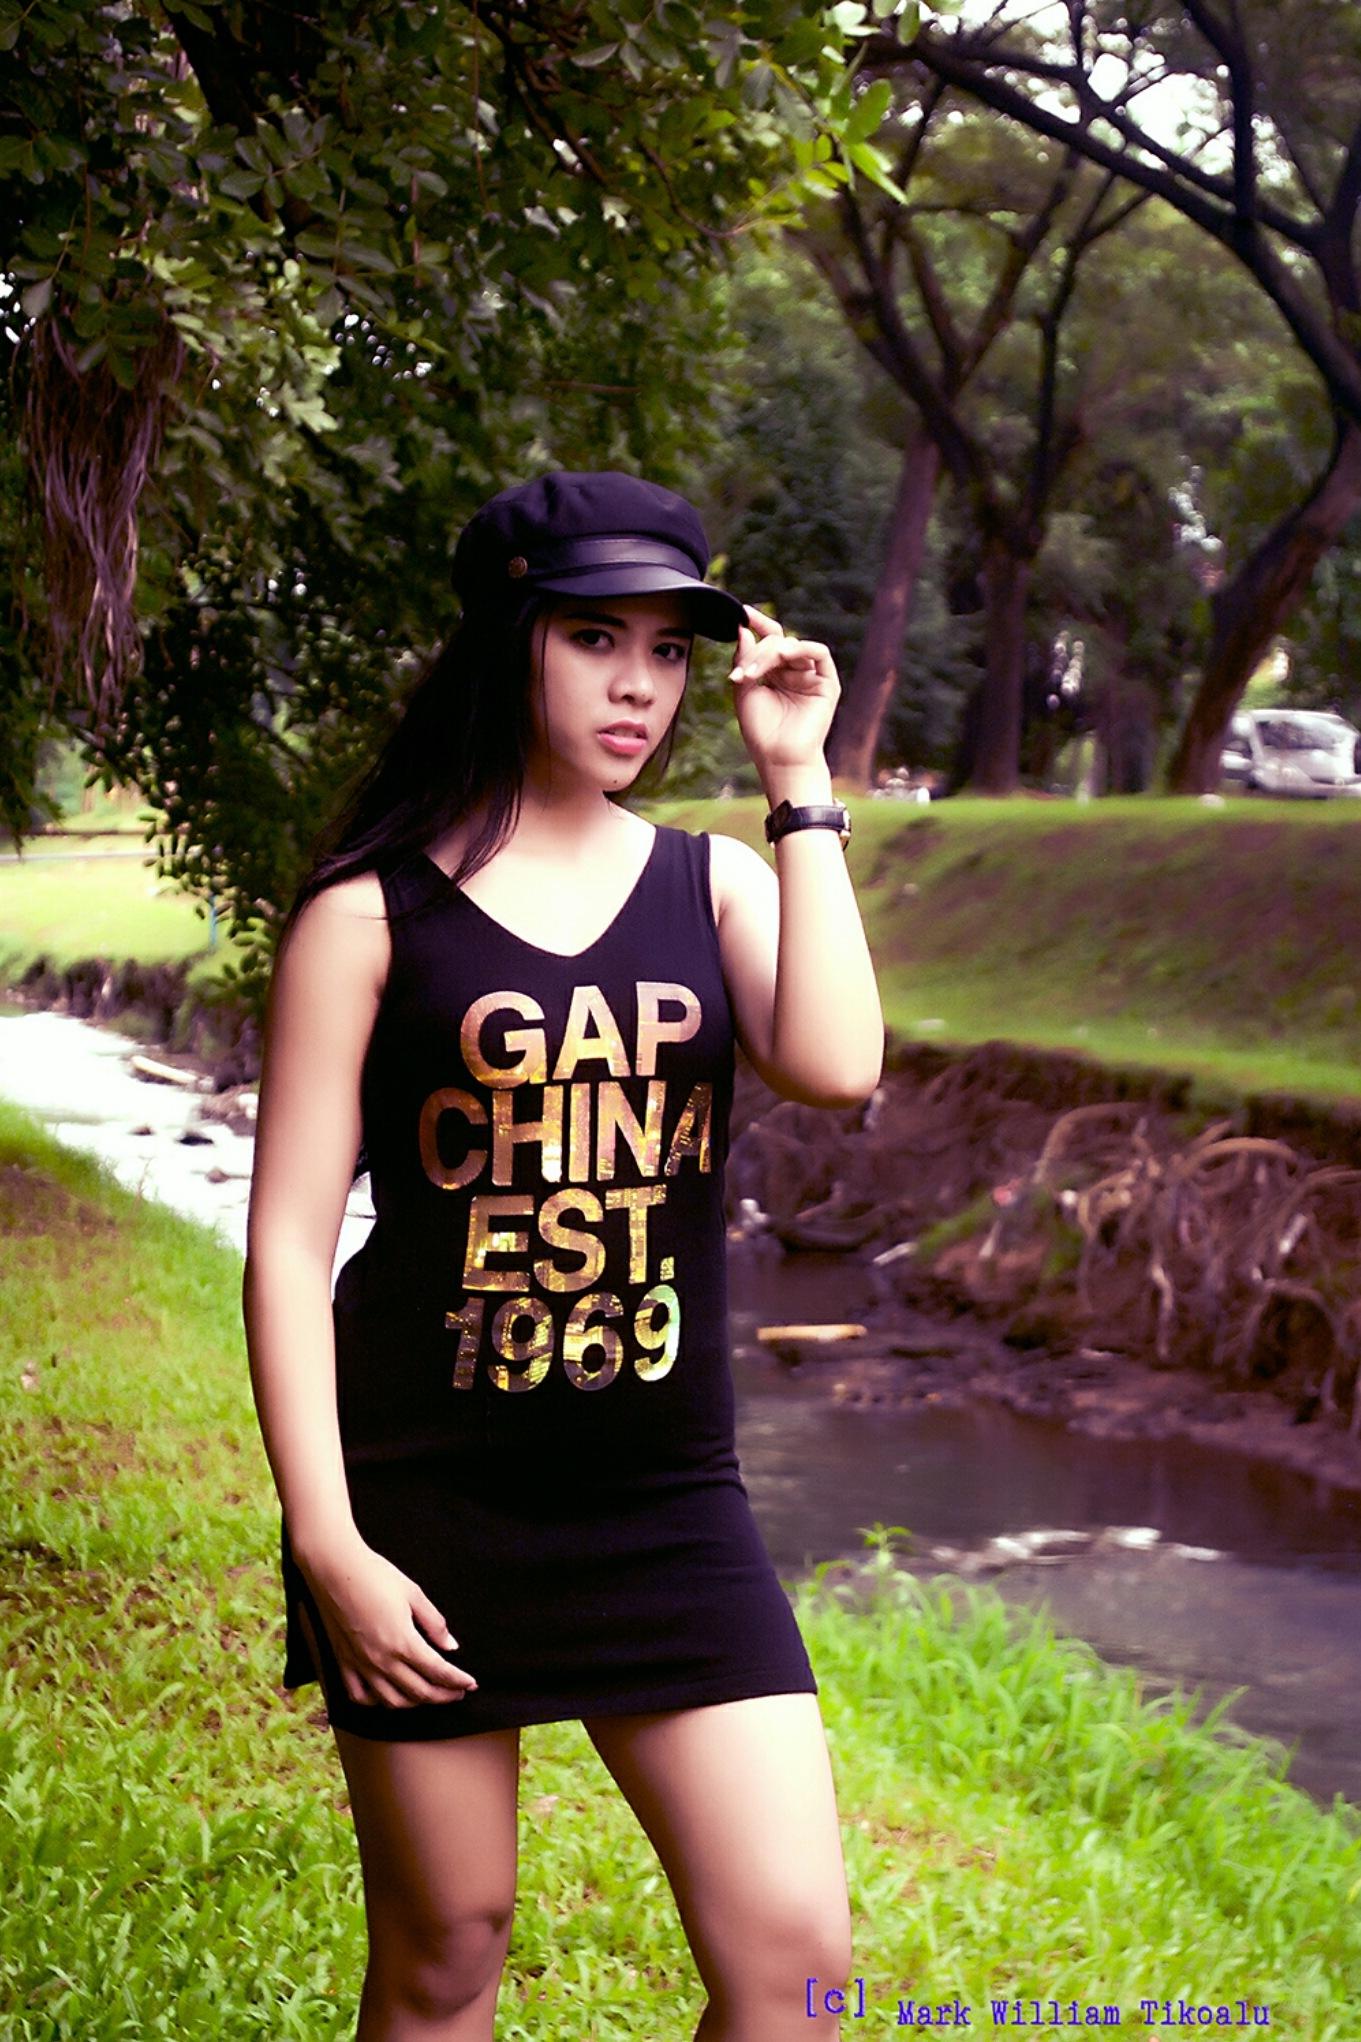 Captain girl by IA Studio by Mark W Tikoalu